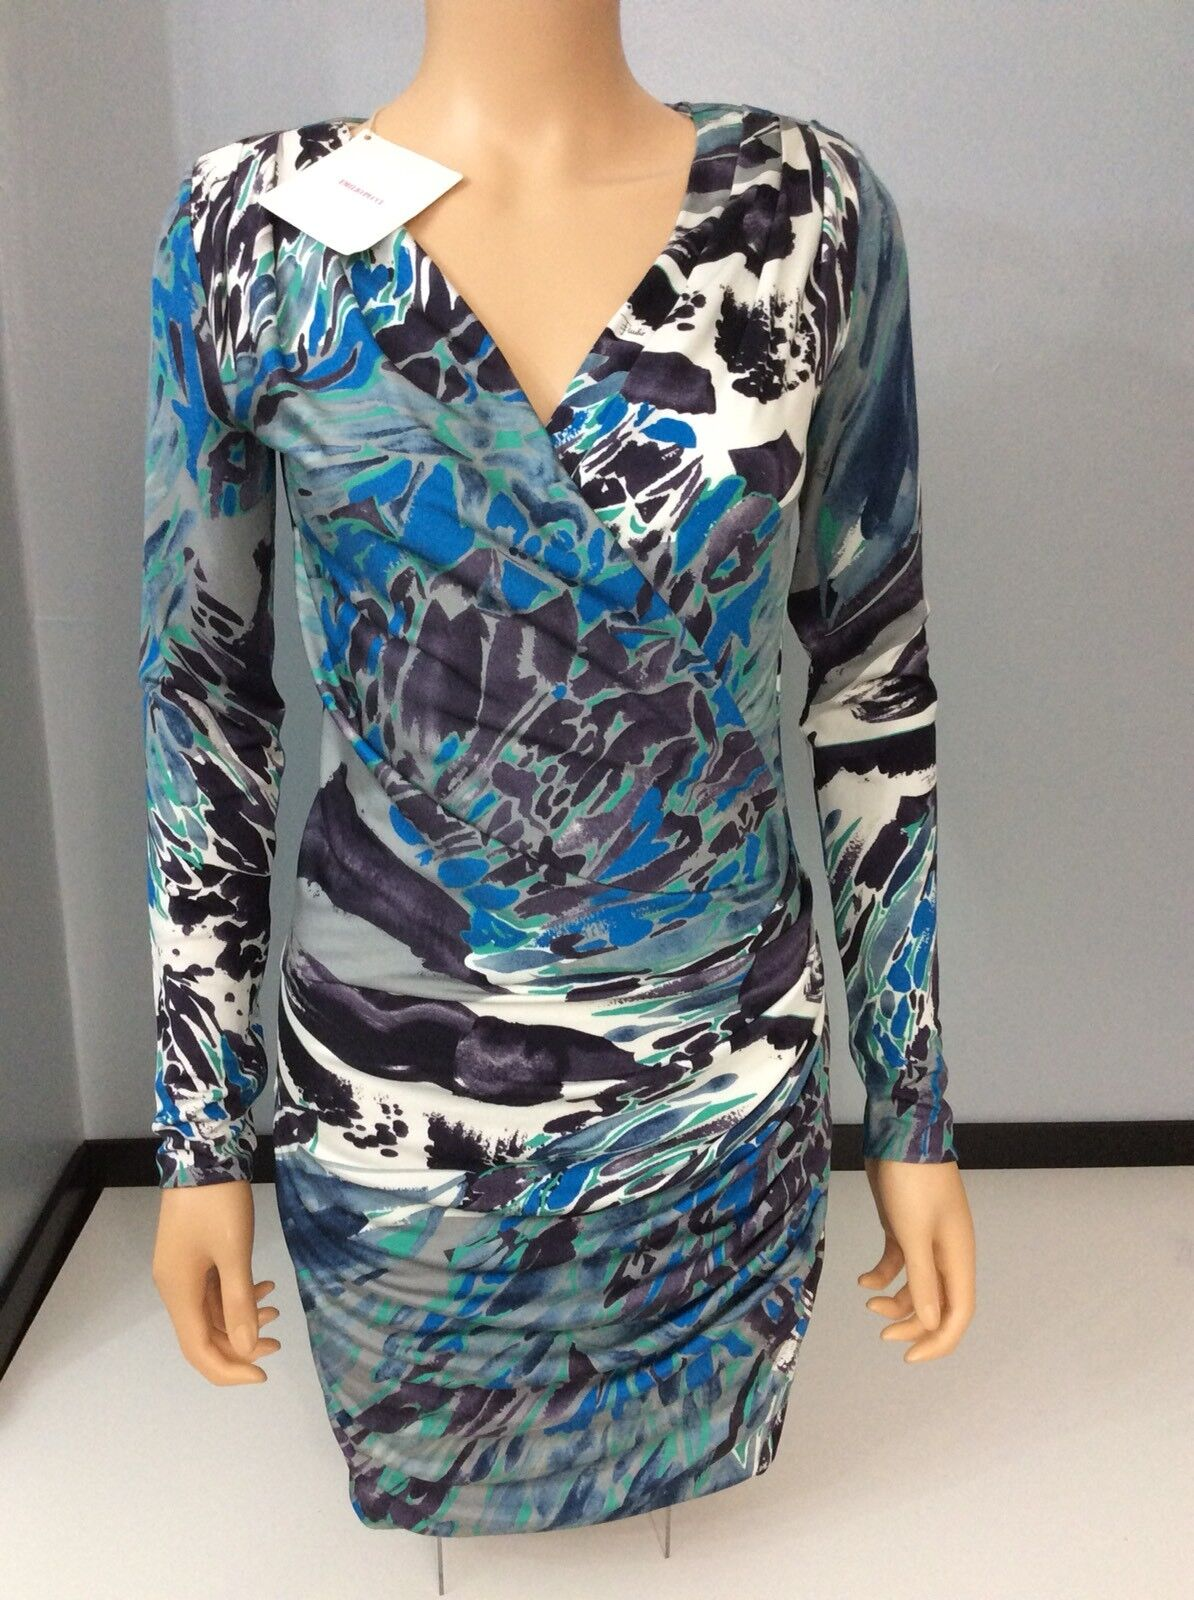 Emilio Pucci Nuevo Body con vestido BNWTs  Talla 38 Reino Unido 10 100% Seda  buen precio